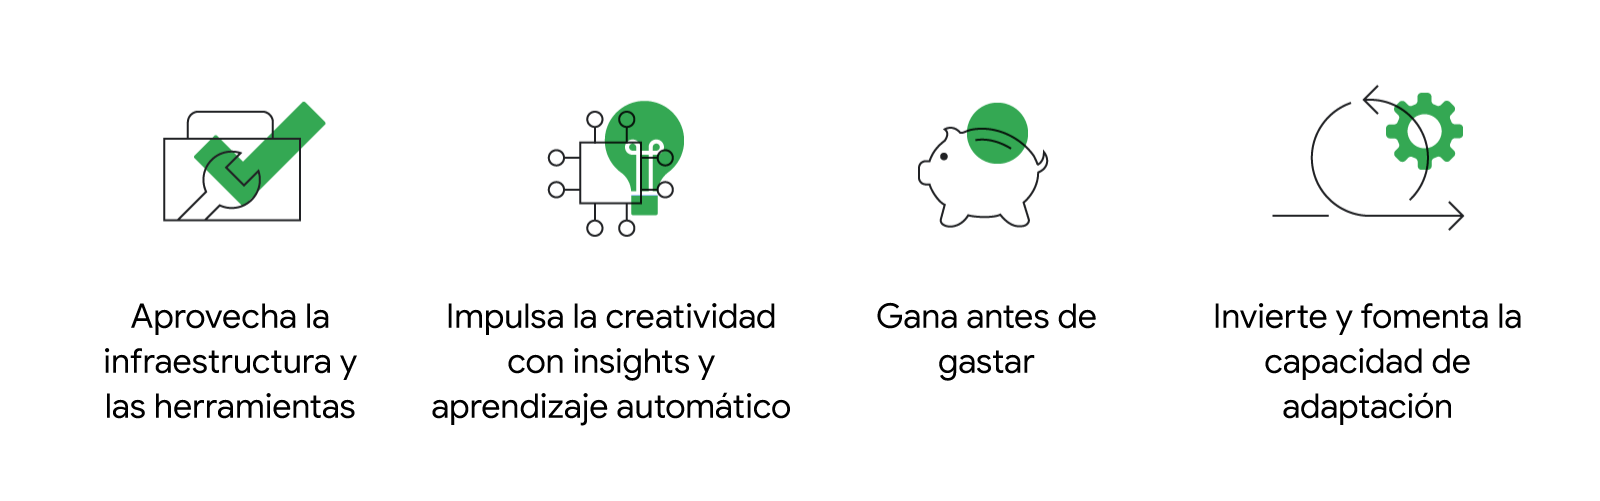 Cuatro iconos que representan las lecciones de marketing digital aprendidas de la pandemia. Caja de herramientas: Aprovecha la infraestructura y las herramientas. Microchip y bombilla: Impulsa la creatividad con insights y aprendizaje automático. Hucha de